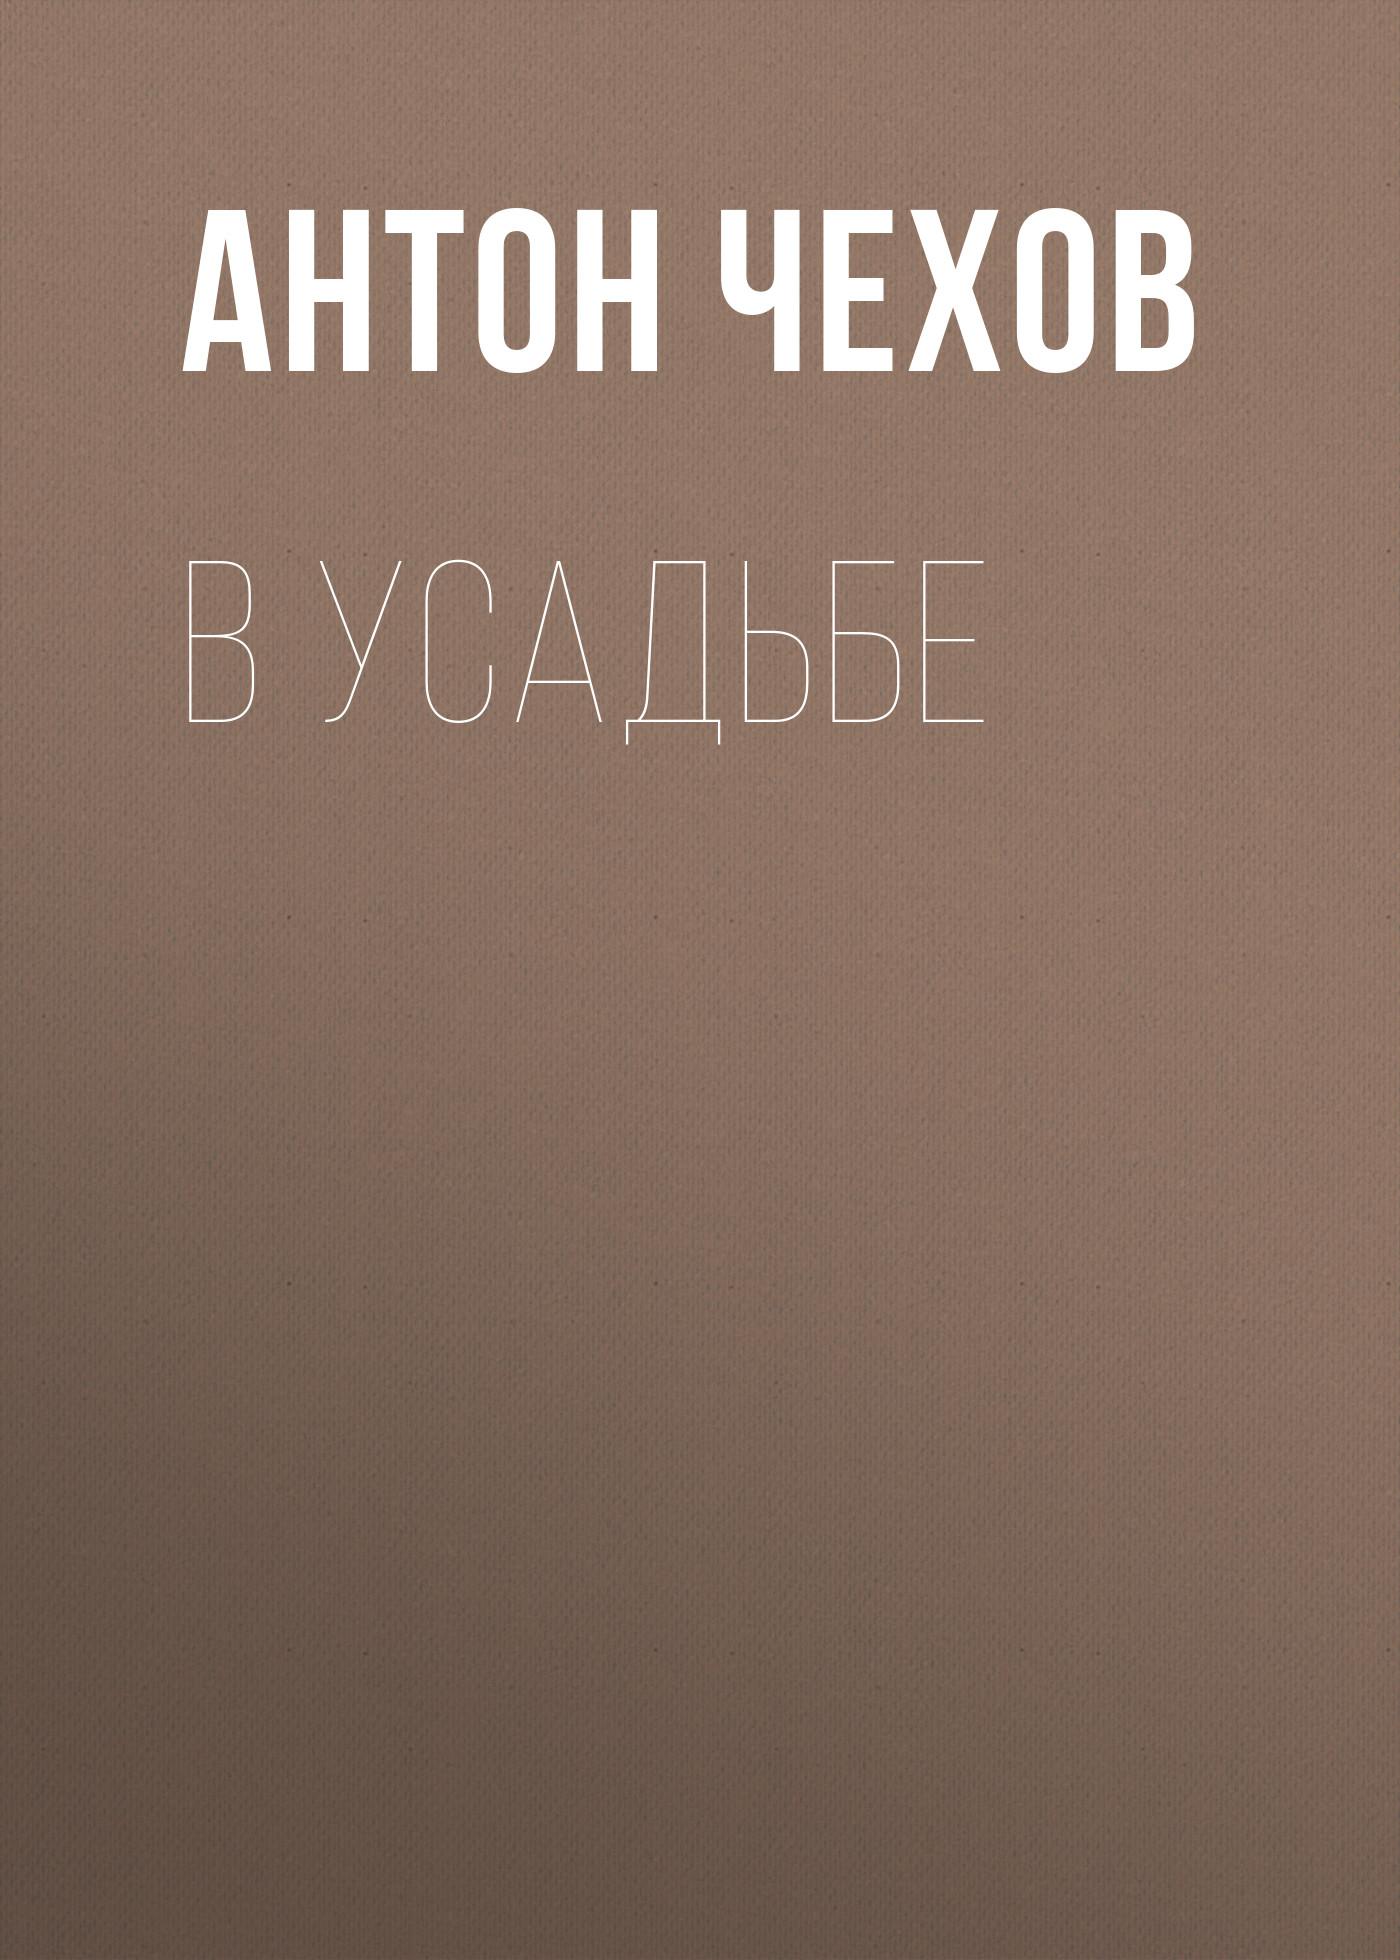 Антон Чехов В усадьбе антон чехов в ссылке